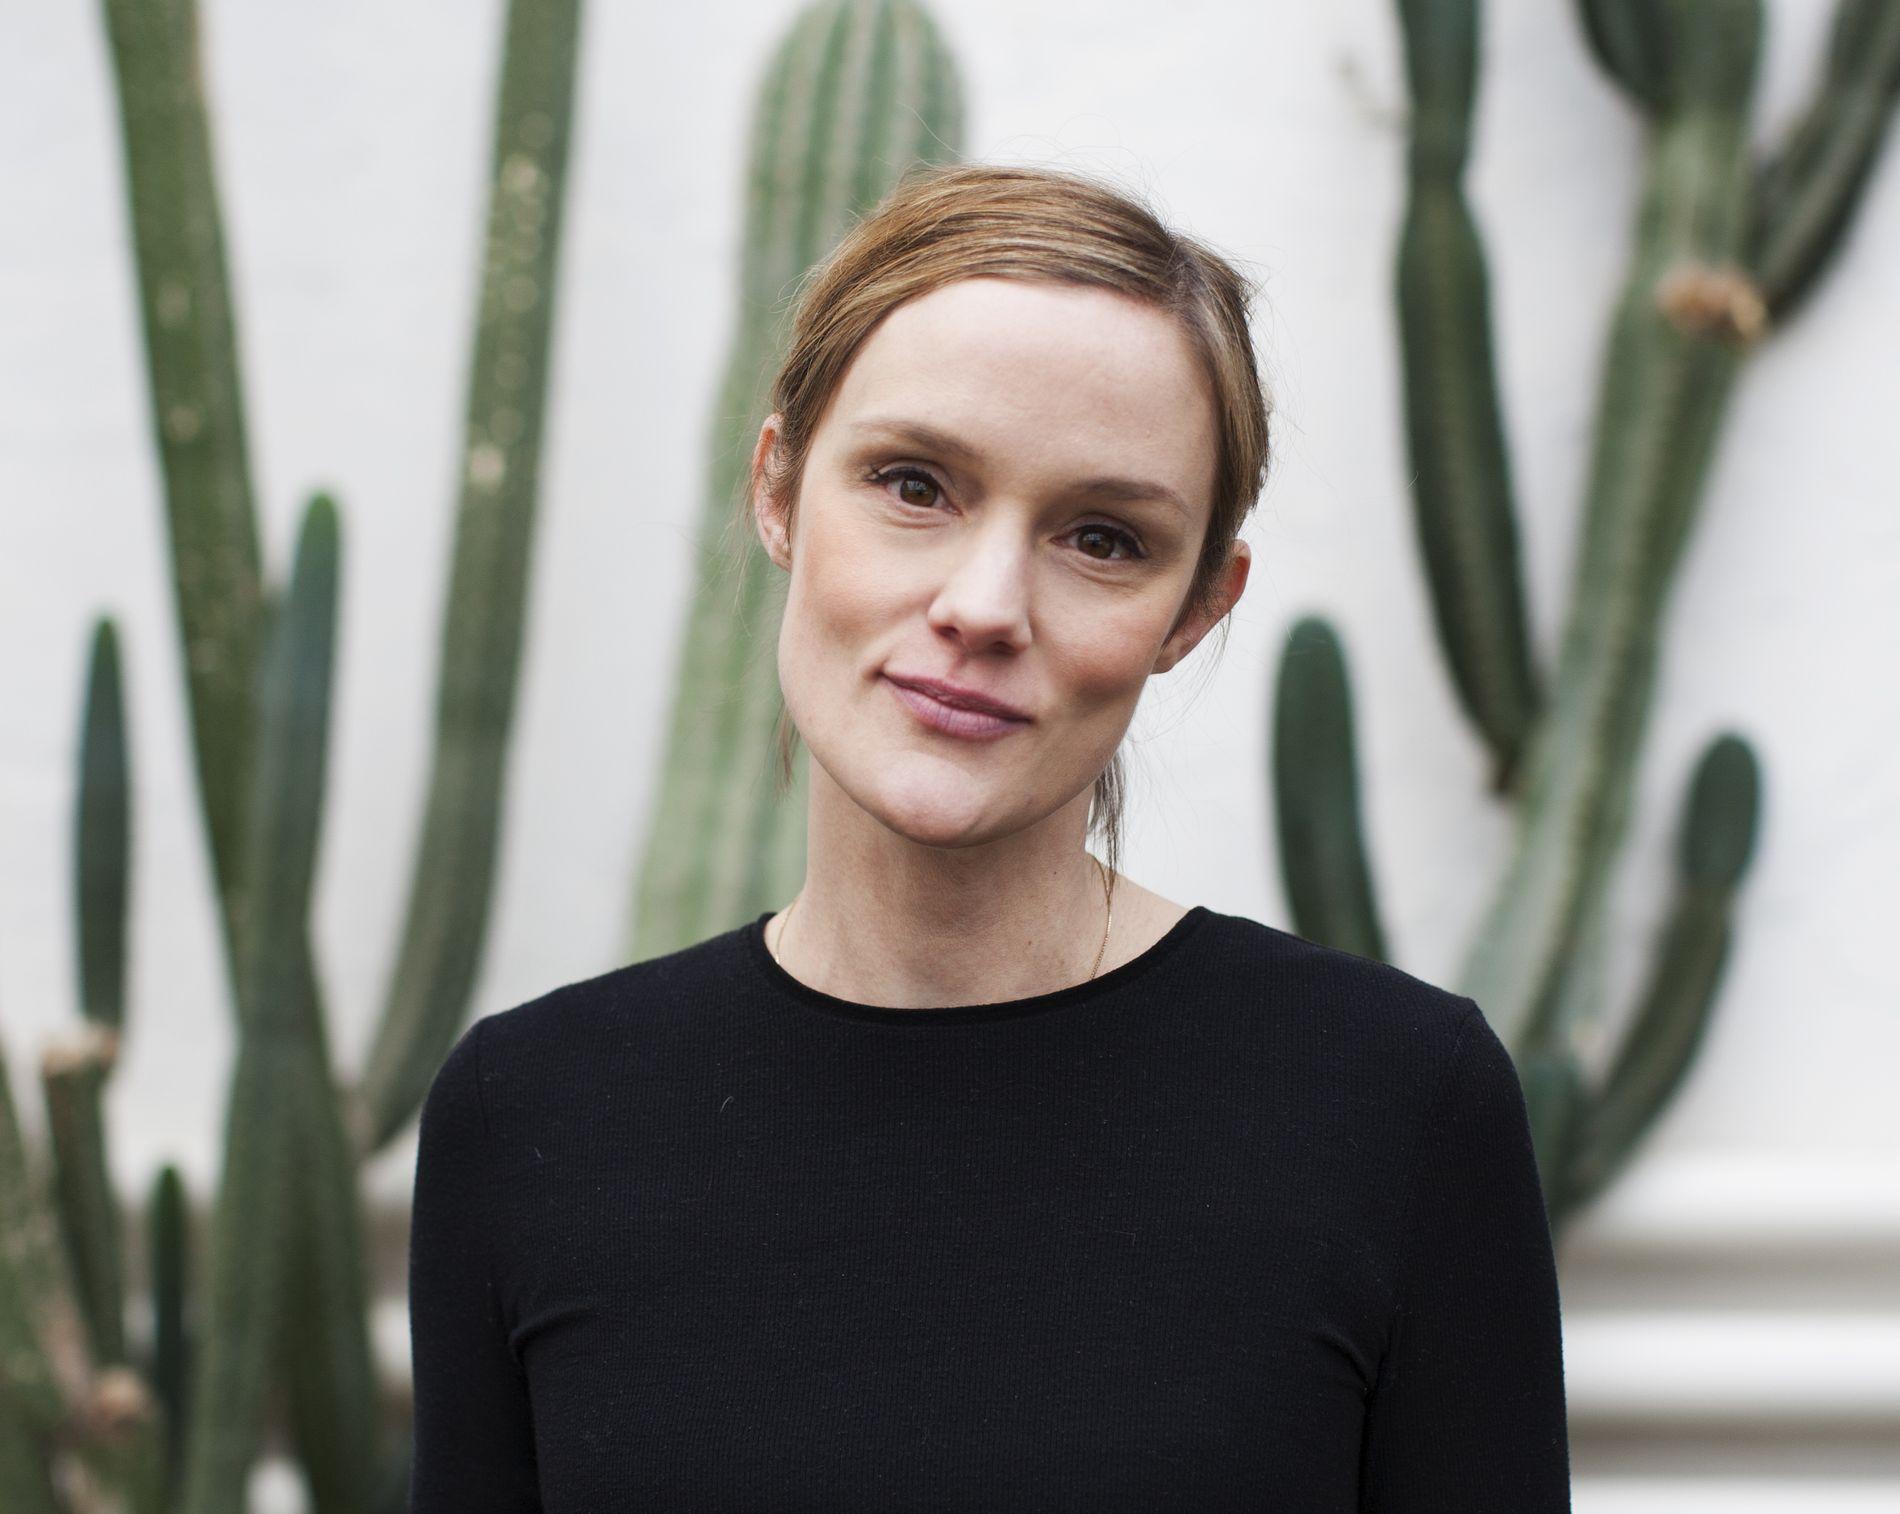 HUSKER DU? Kristin Bortolotti ble rikskjendis da hun spilte Charlotte Anker Hansen i Hotel Cæsar. Nå er hun tilbake - som barnebokforfatter.